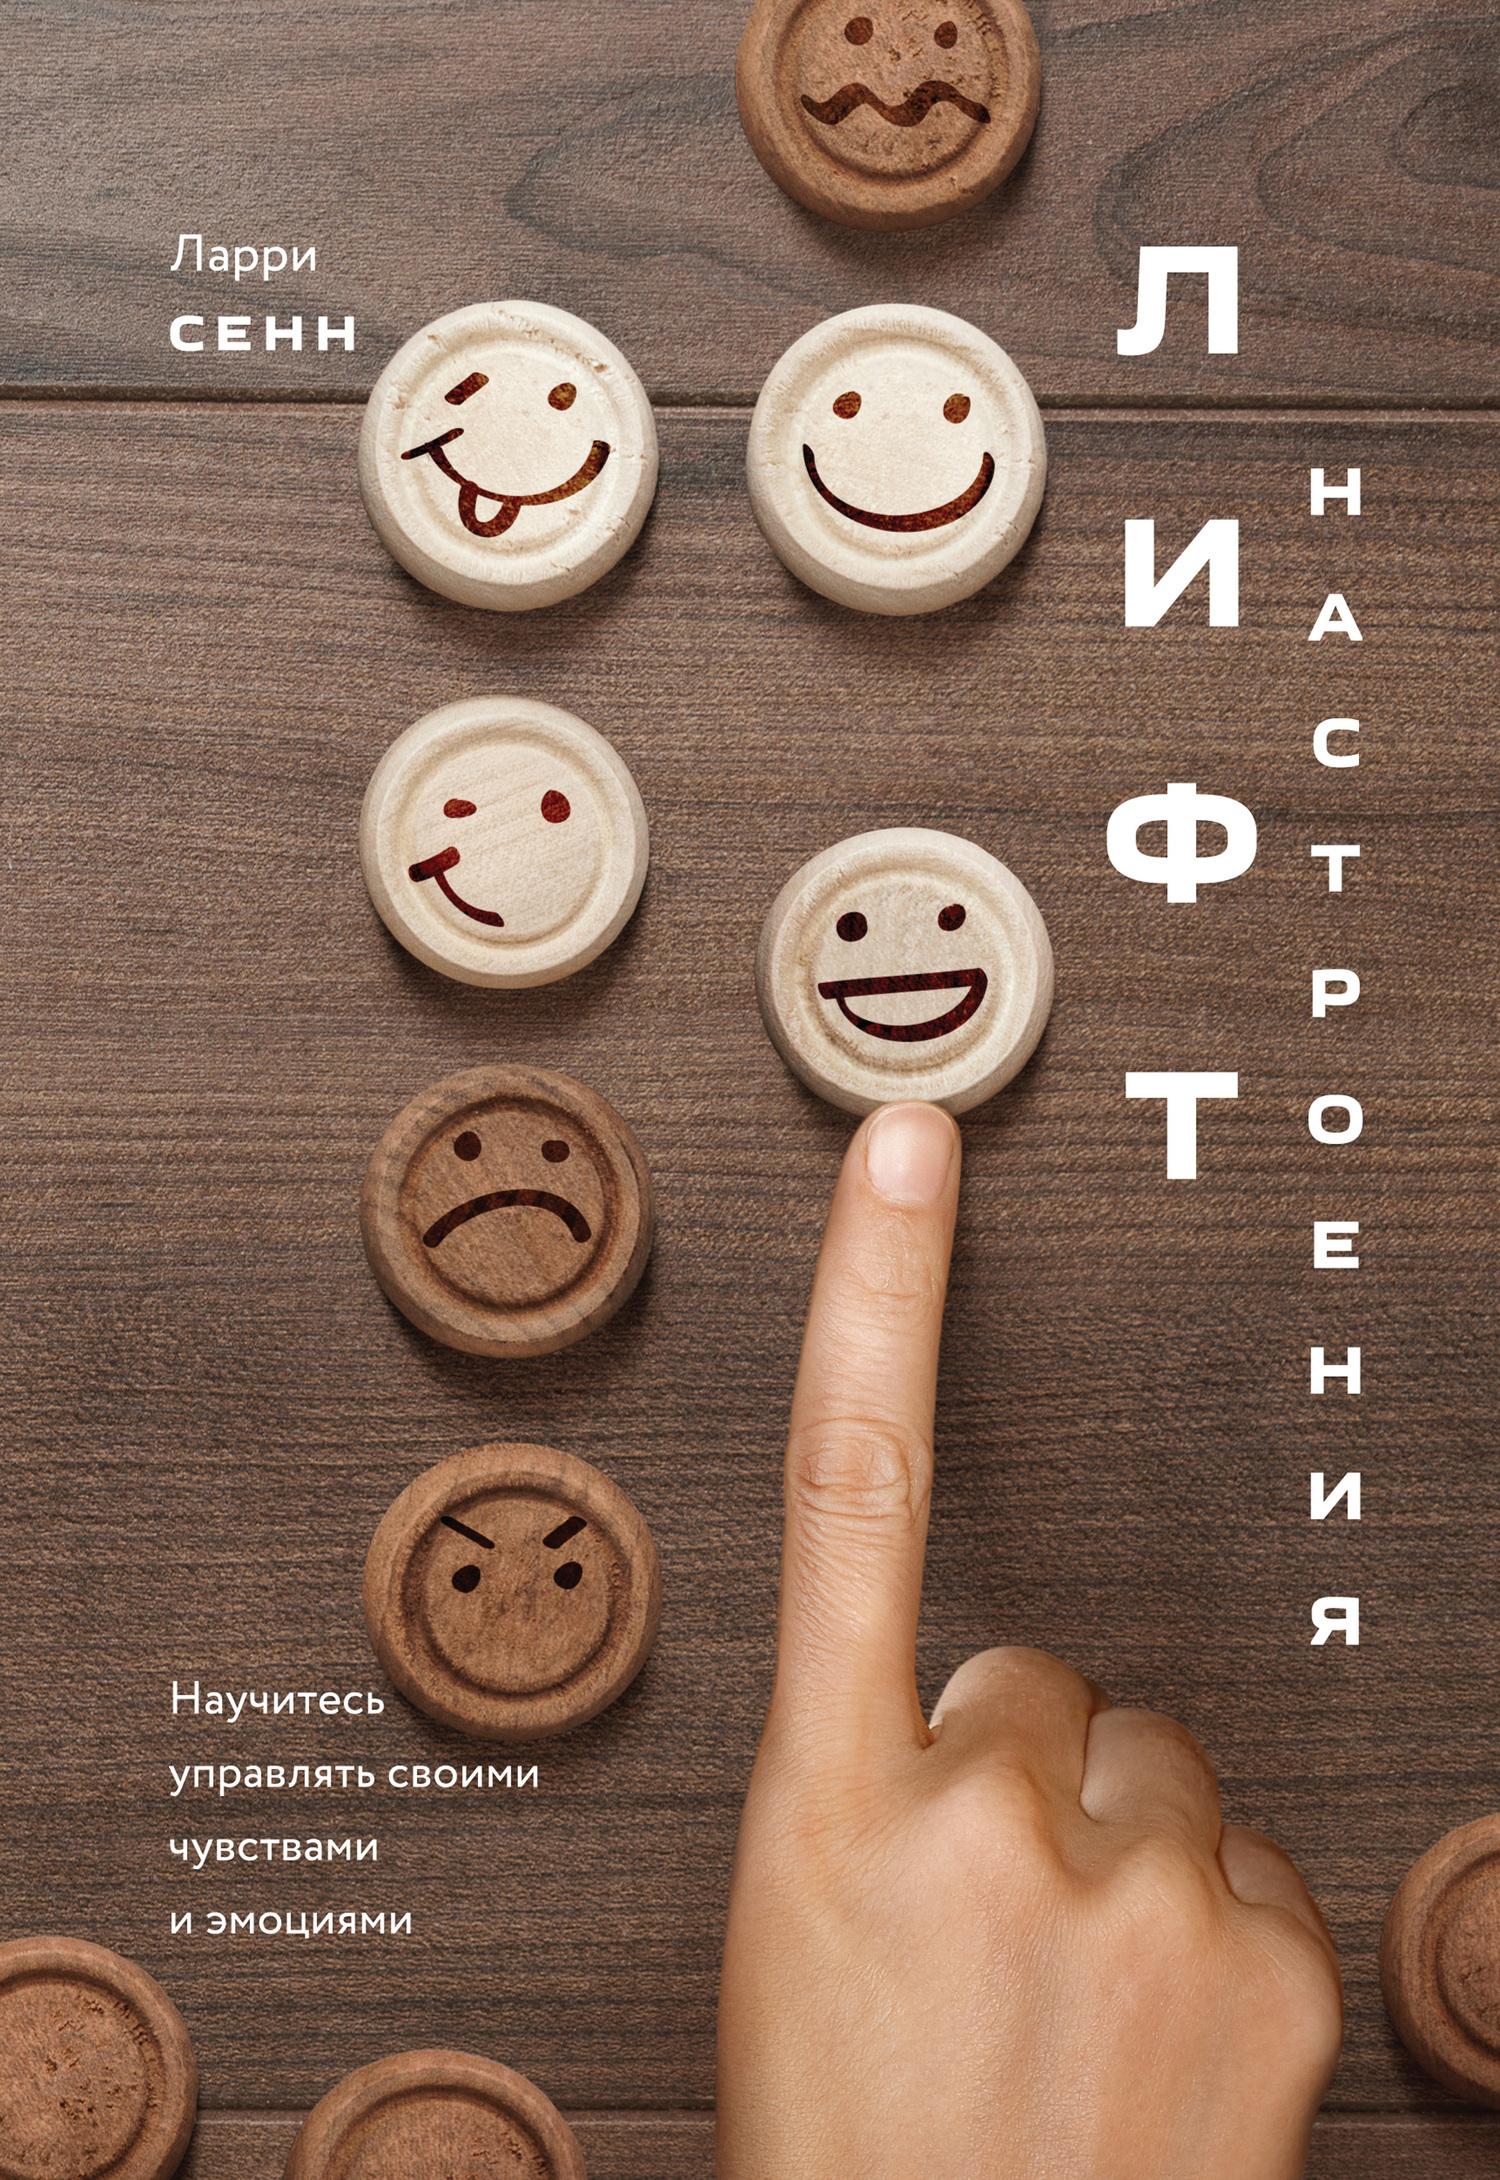 Книга Лифт настроения. Научитесь управлять своими чувствами и эмоциями